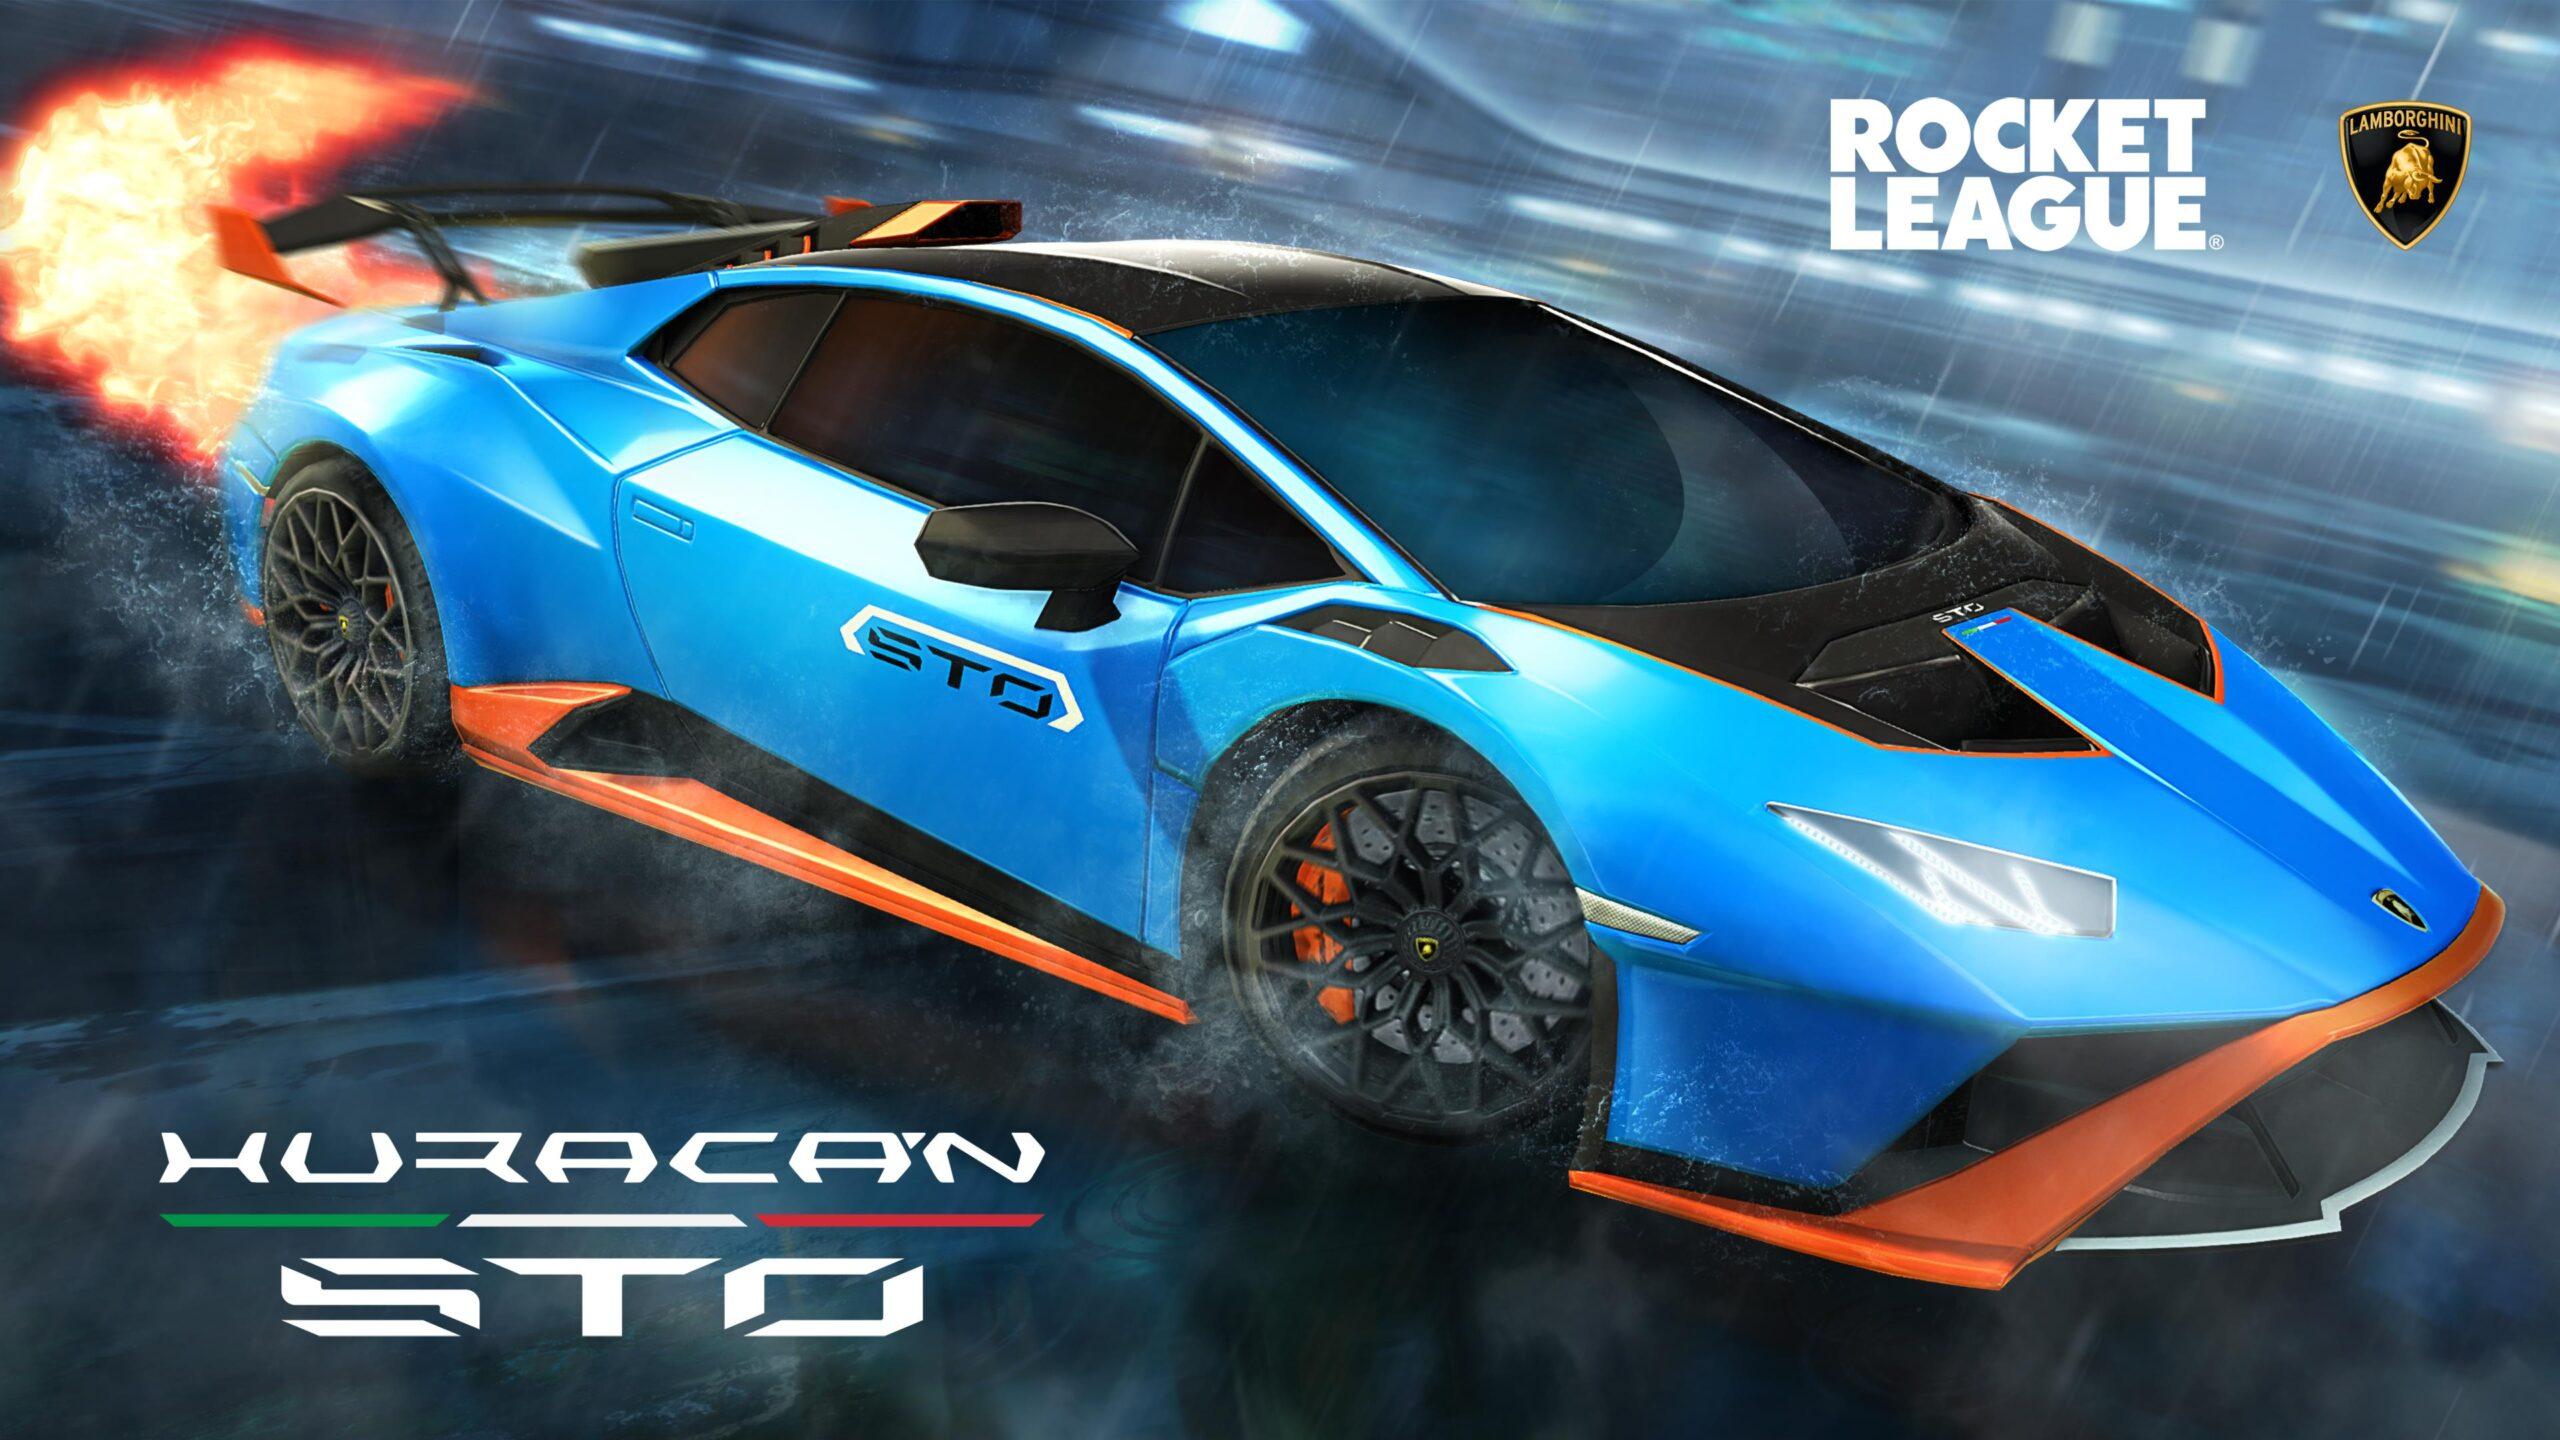 Lamborghini entra nel mondo di Rocket League, adesso si potrà usare la Huracan STO.